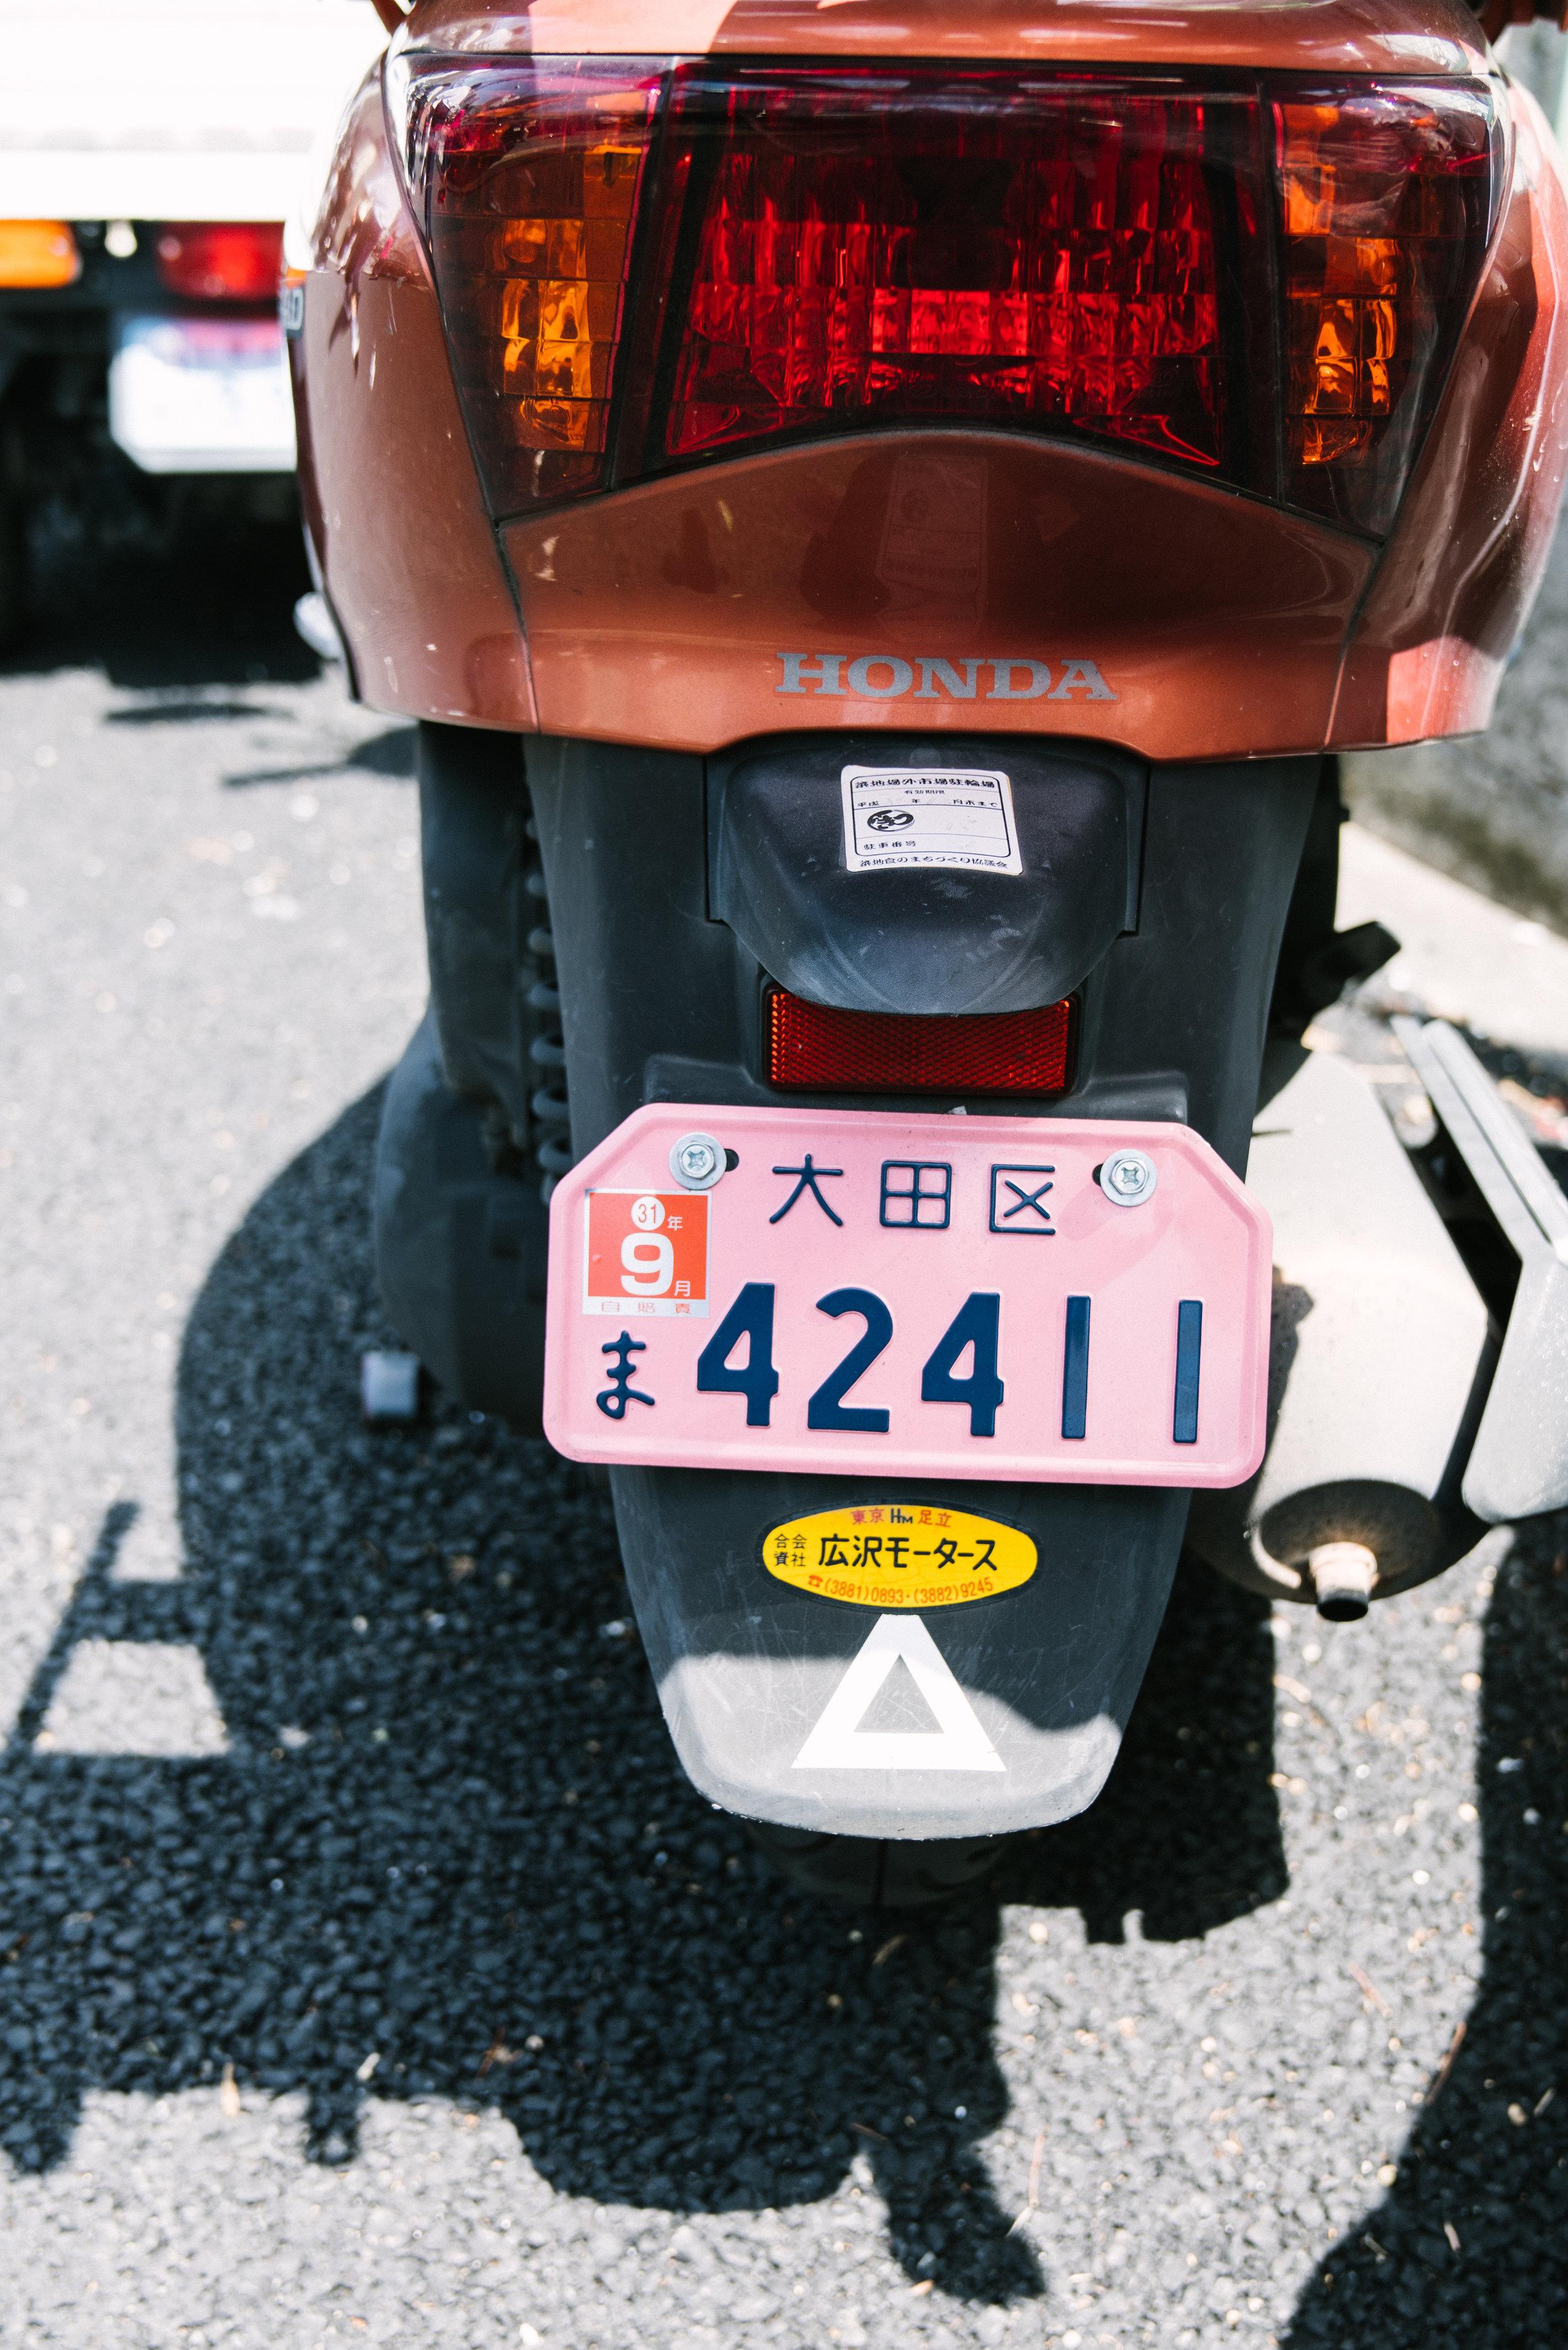 1 week in Japan: (Kyoto and Tokyo)